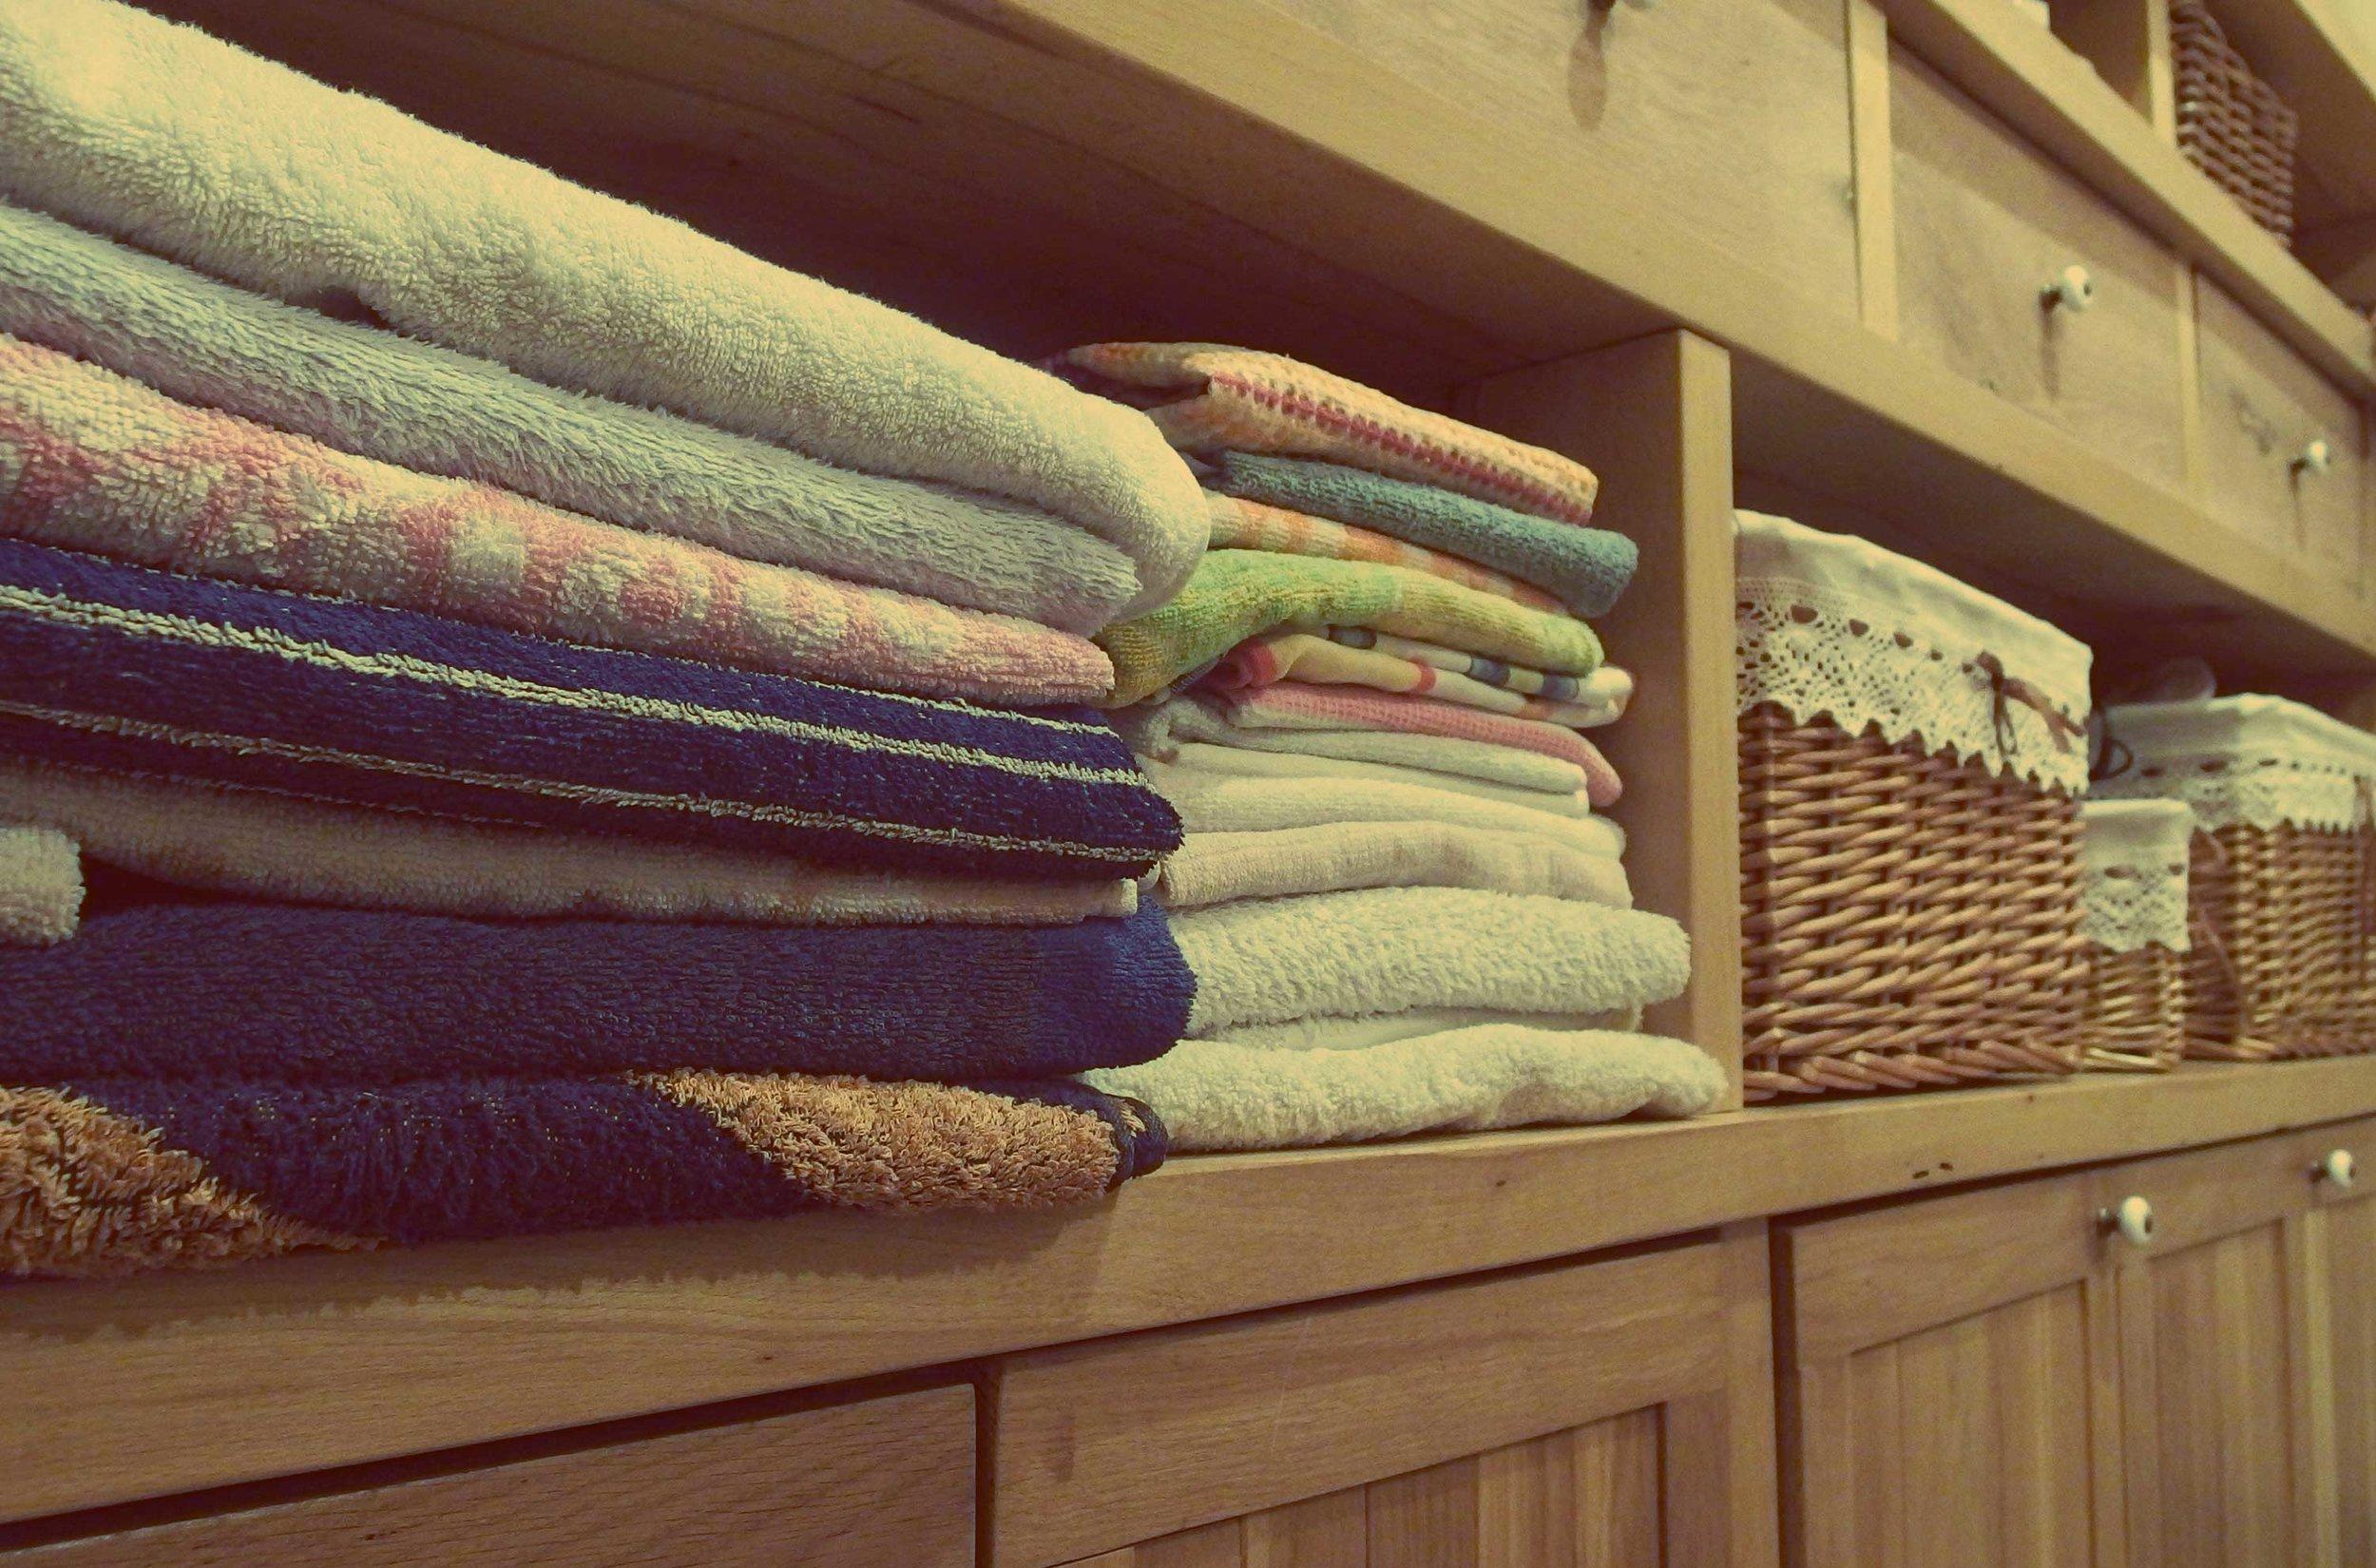 Towels in Bathroom.jpg